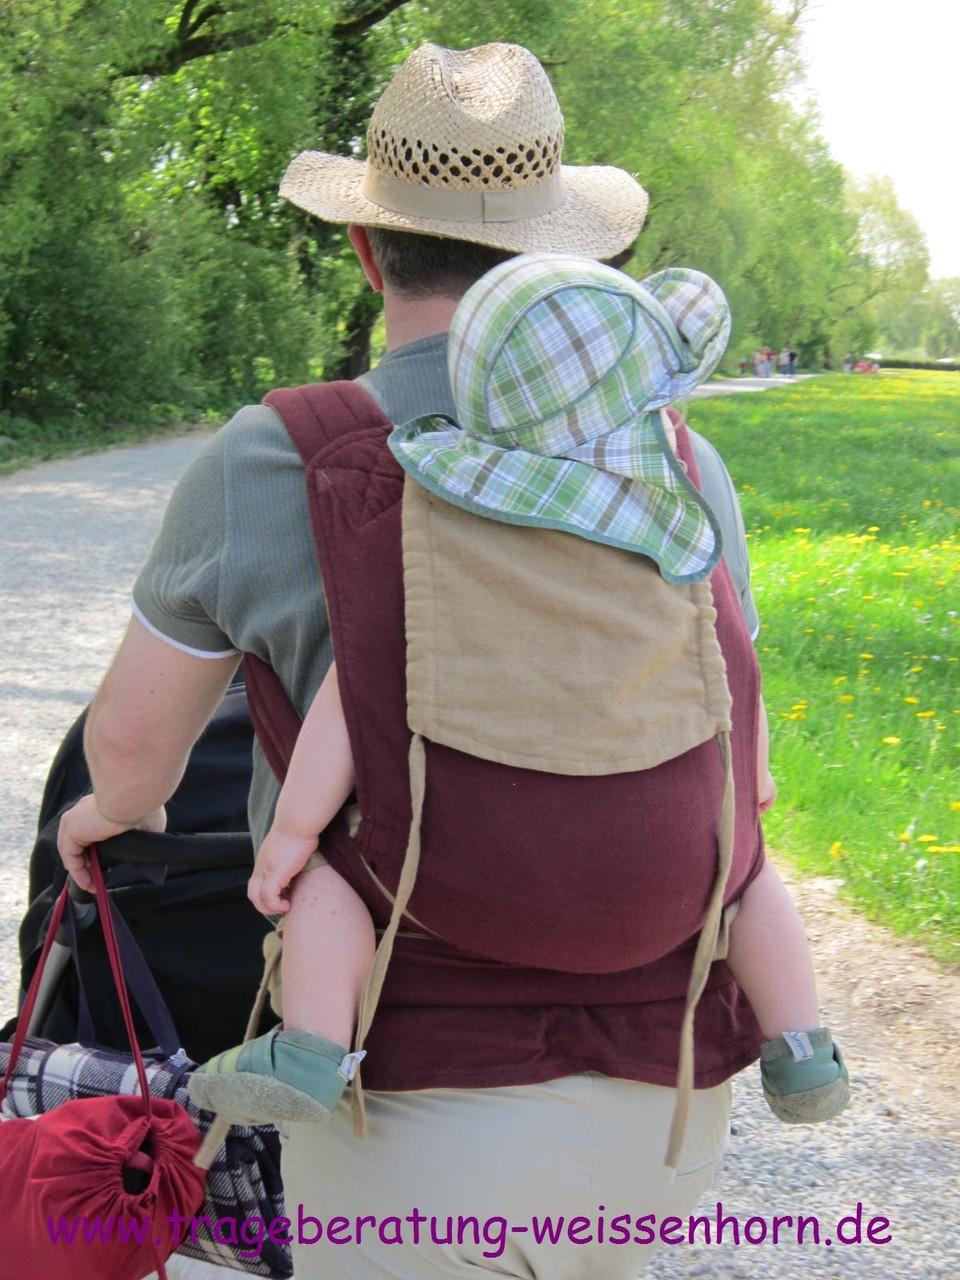 Unterwegs auf Papas Rücken